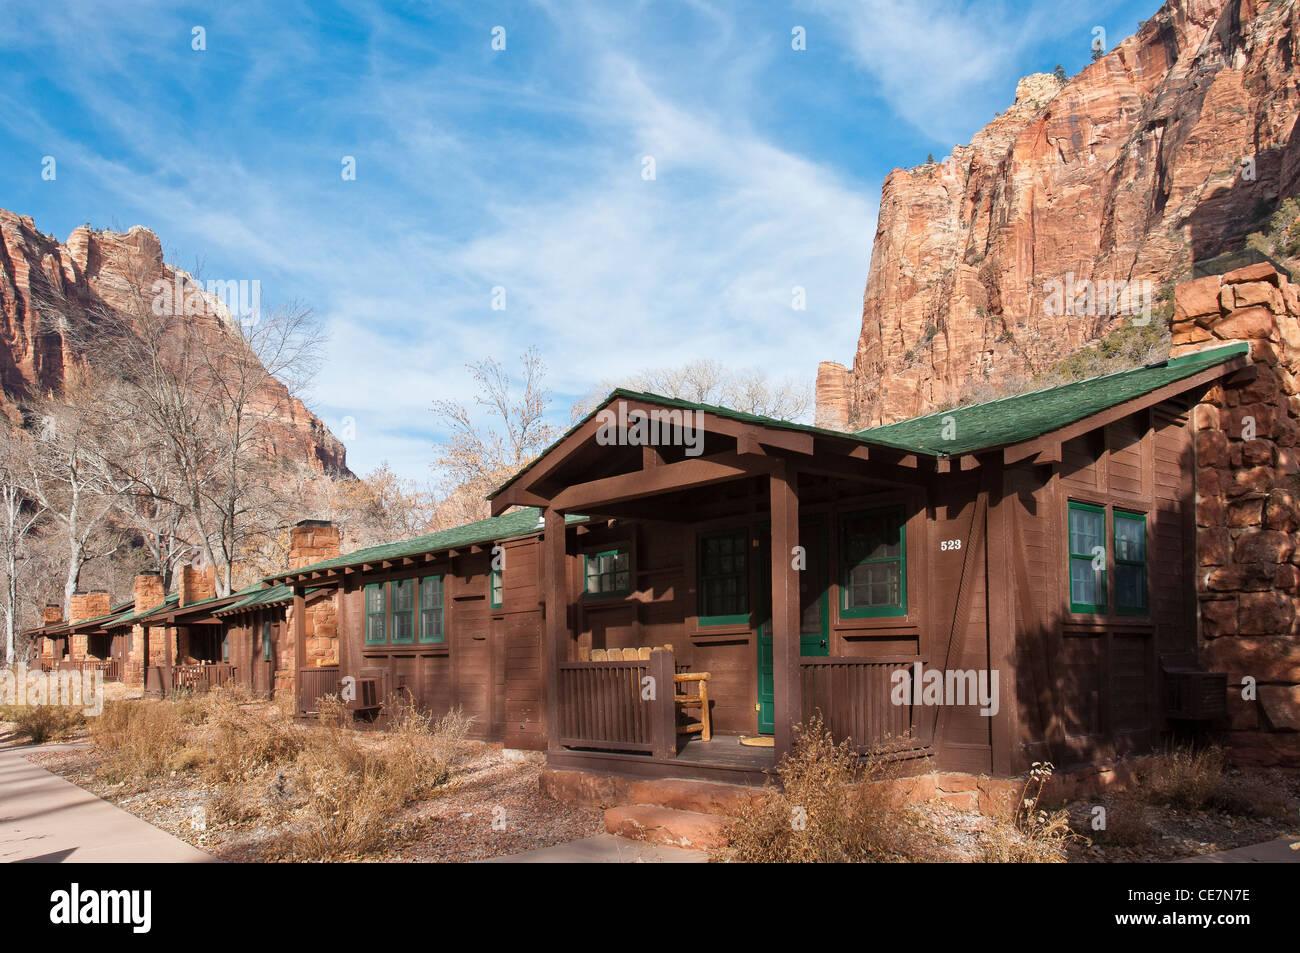 Cabins, Zion Park Lodge, Zion National Park, Utah